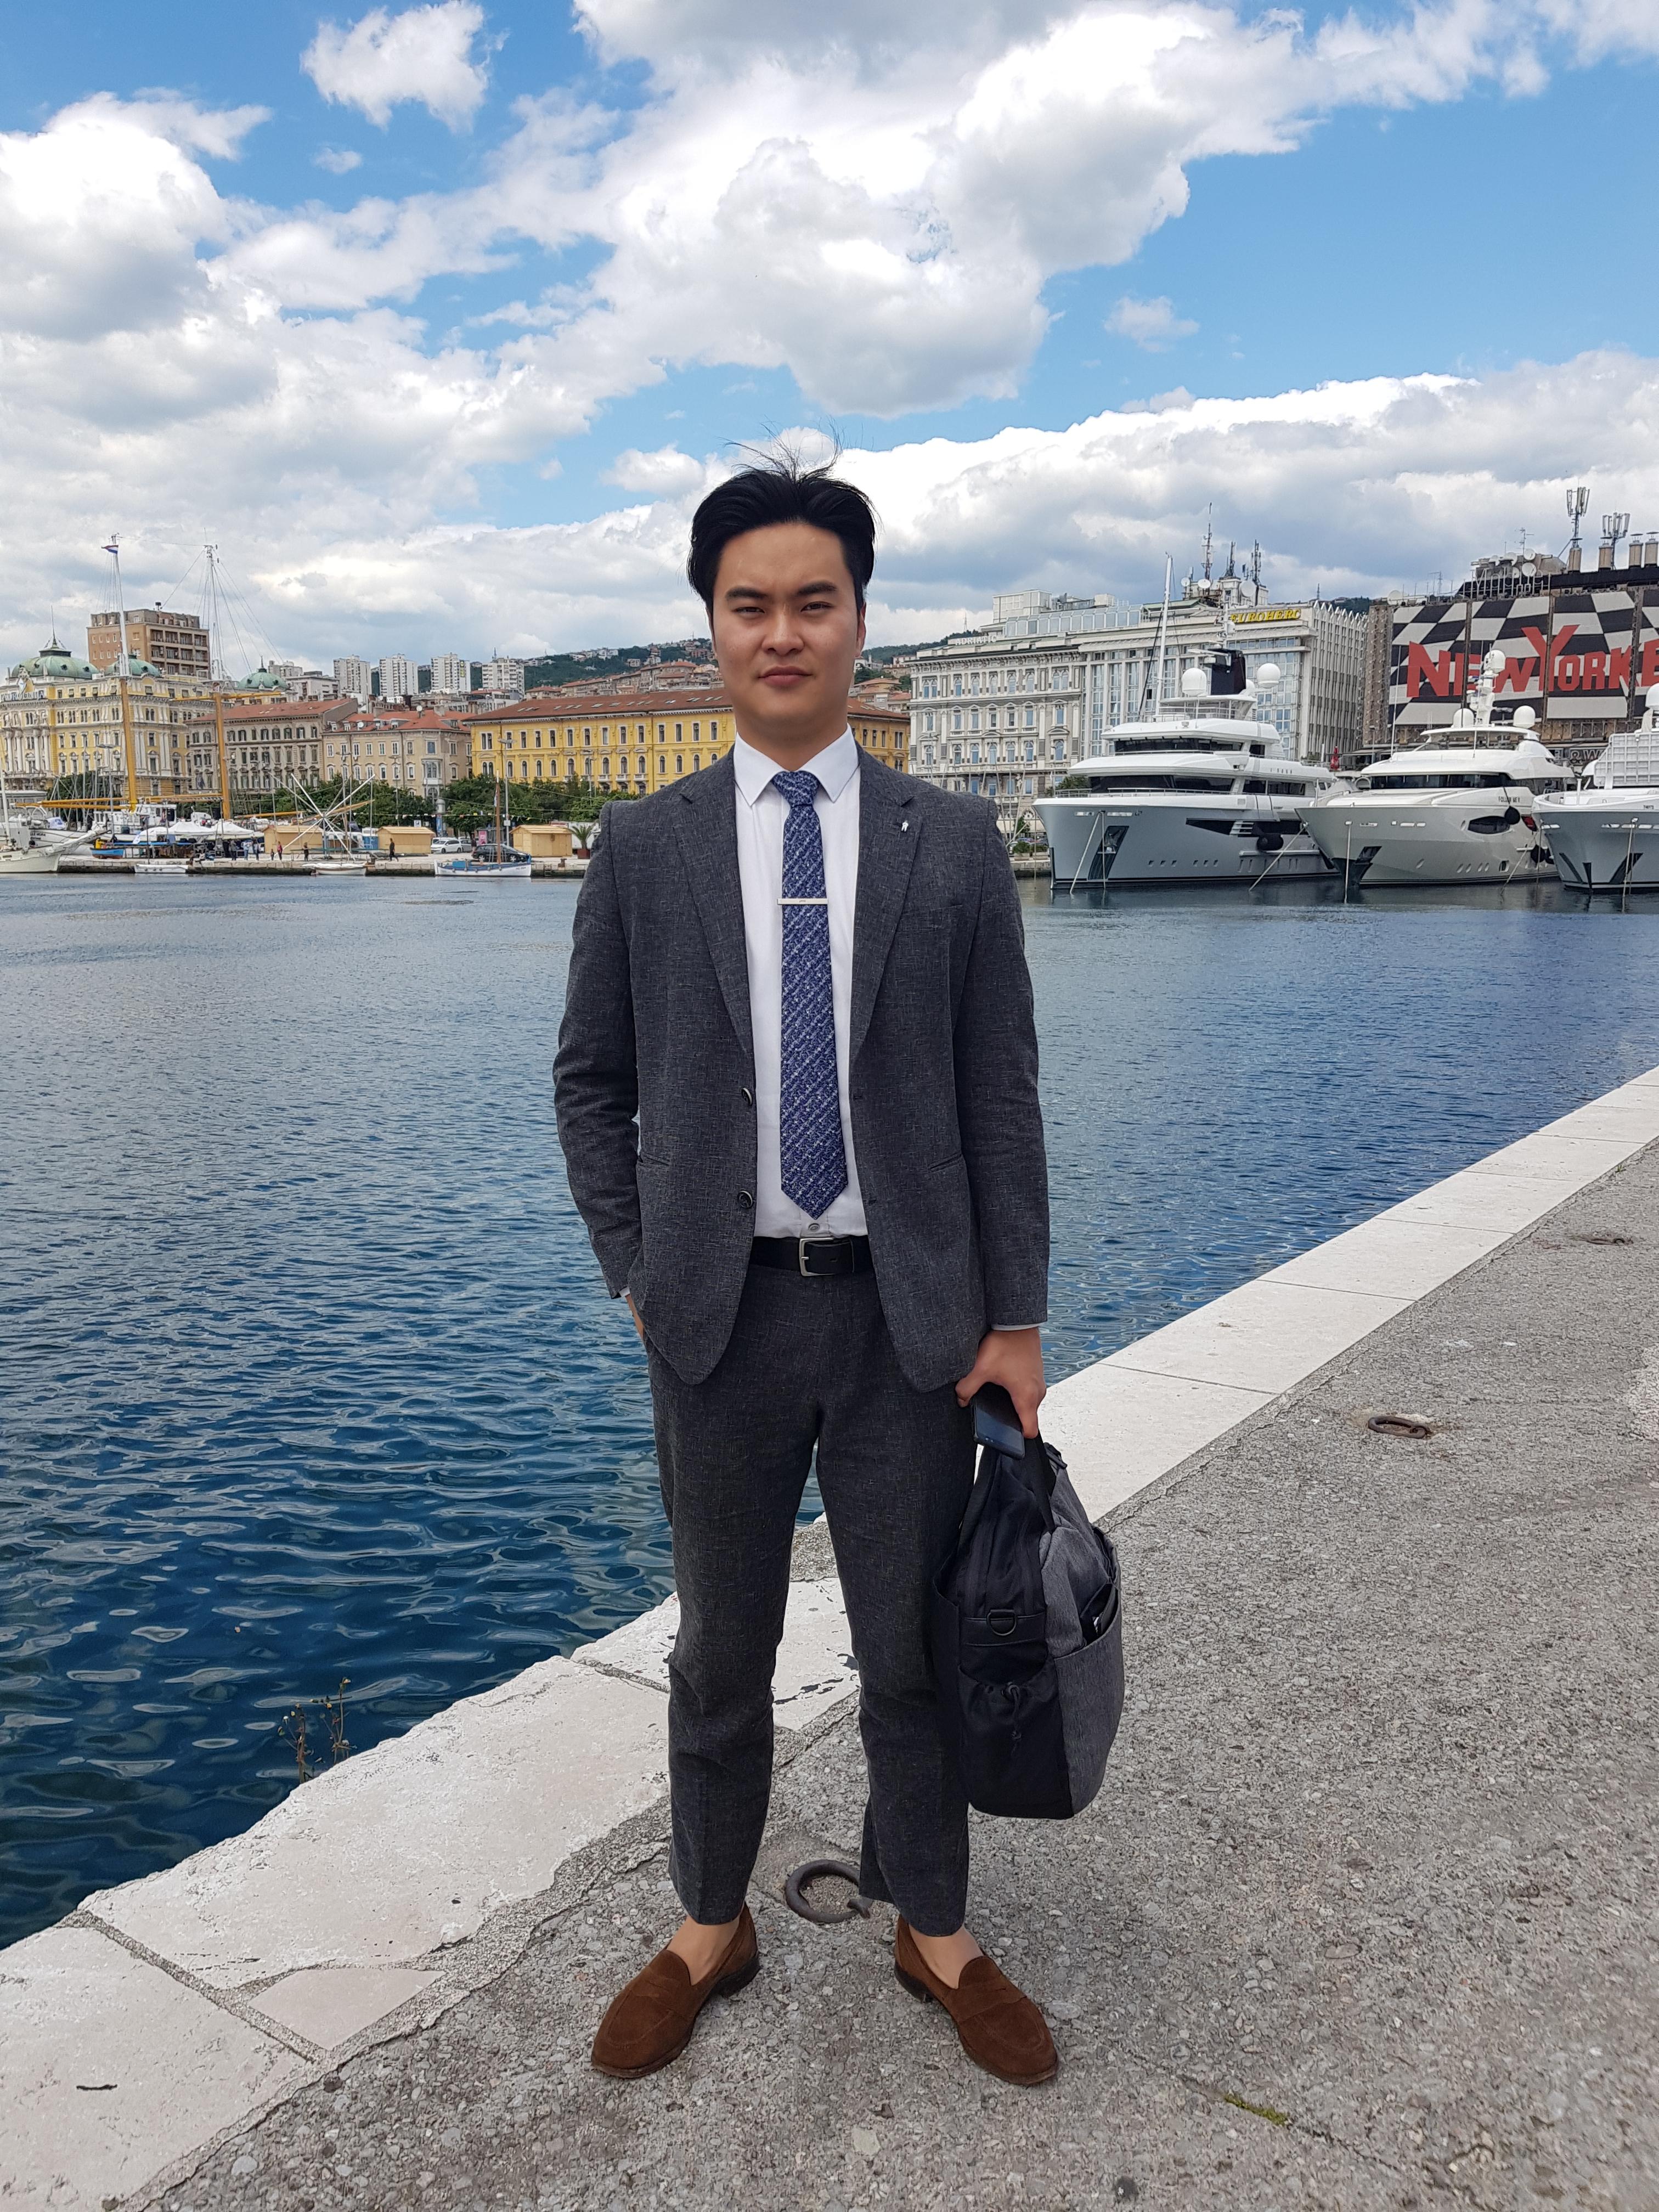 Kyung Min Ham voditelj je Hyundaijevog ureda za zaštitu brenda smještenog u Budimpešti / Foto E. Prodan